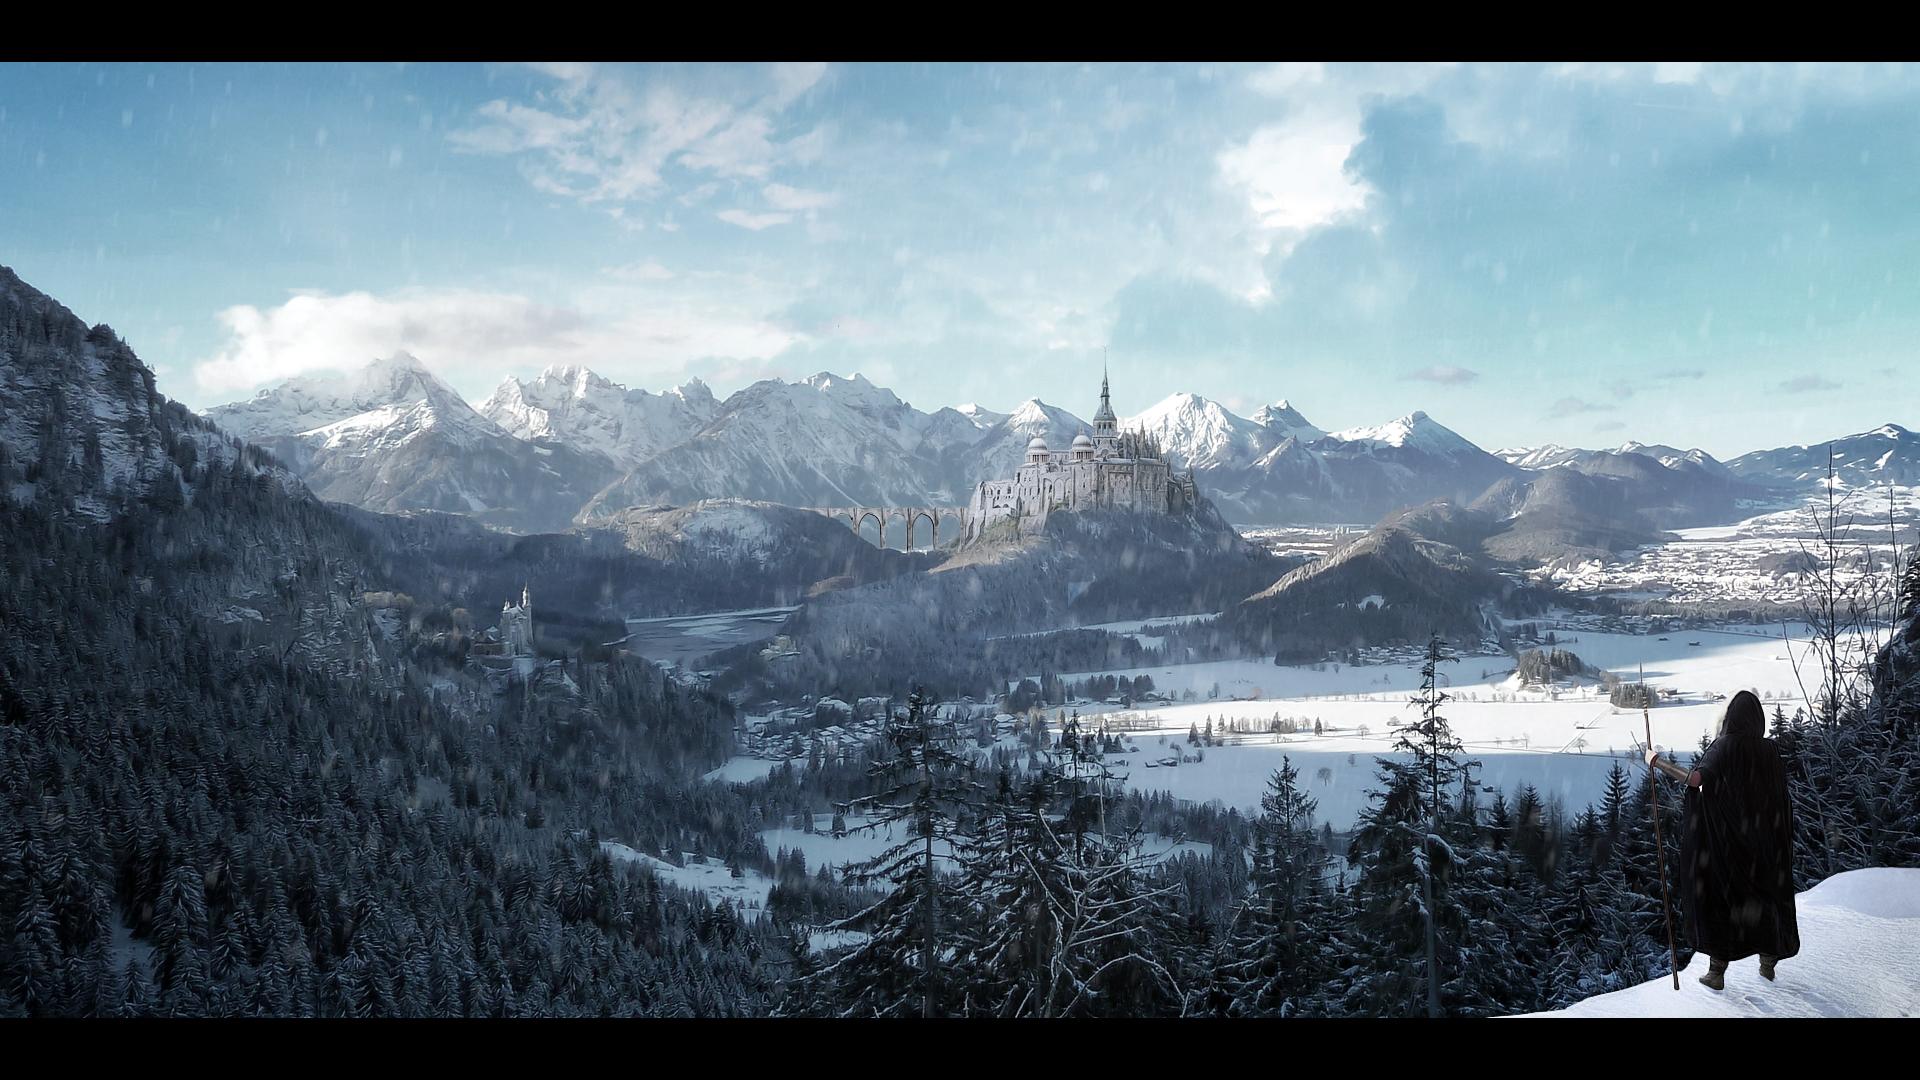 Winterway by MachiavelliCro